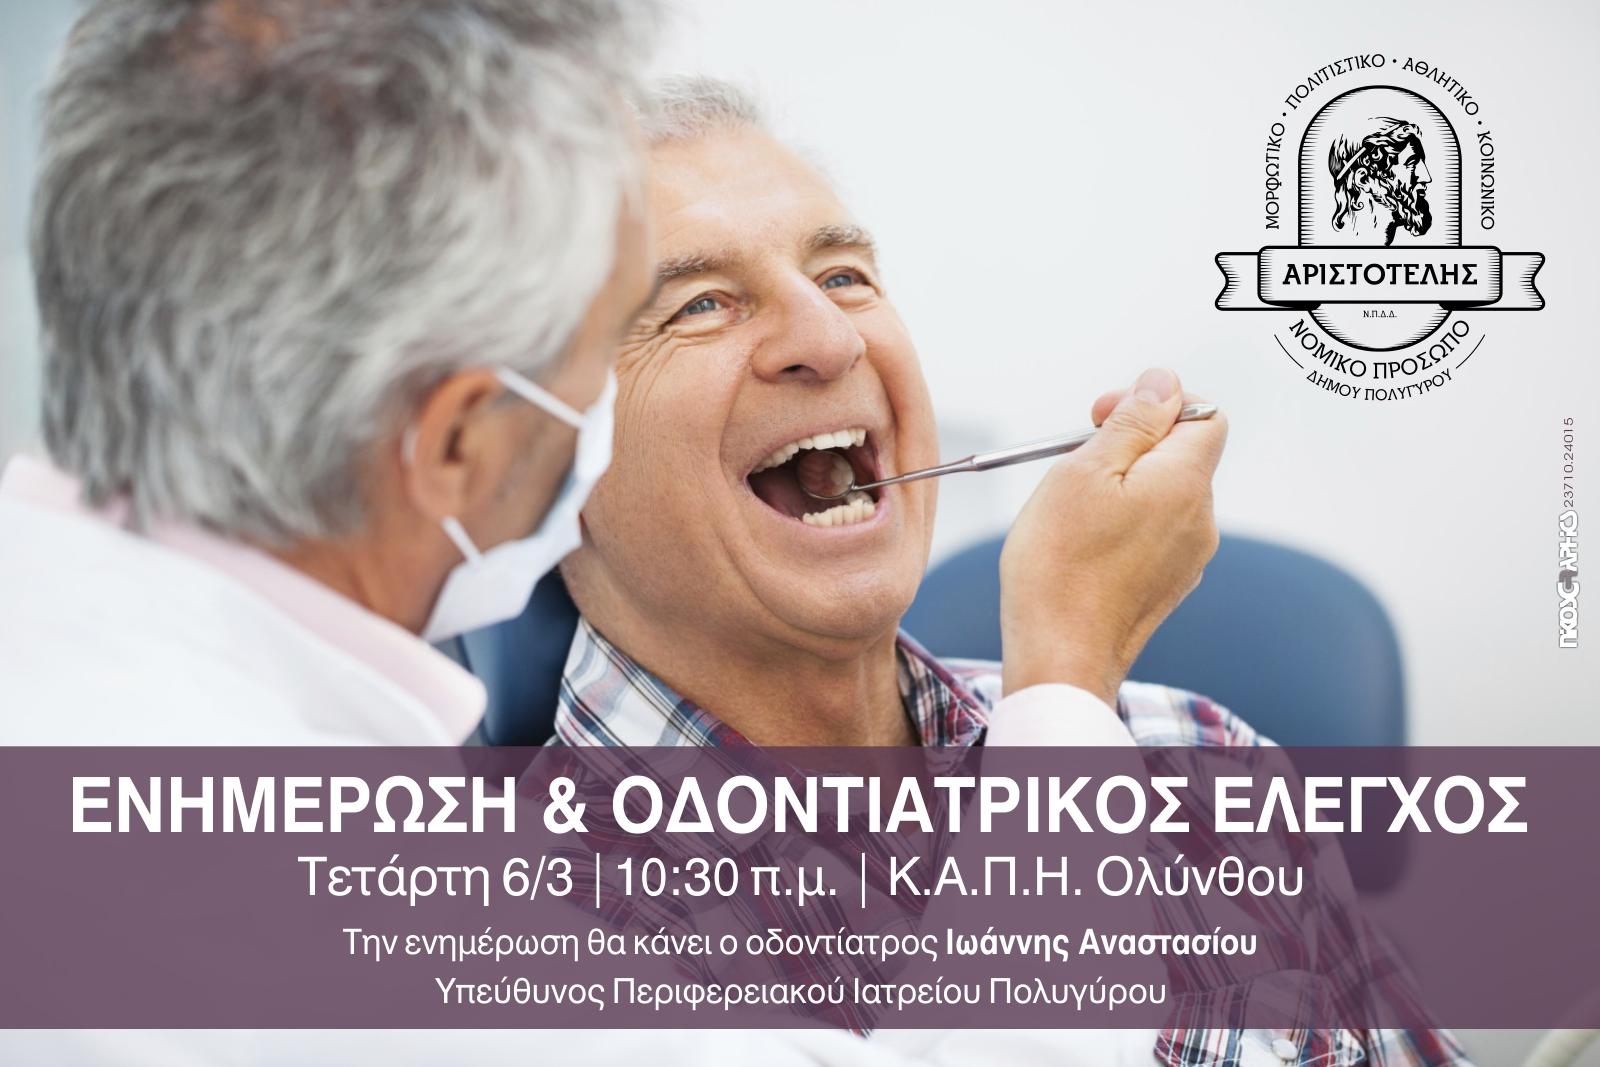 Δωρεάν ενημέρωση και οδοντιατρικός έλεγχος από το Ν.Π. «ΑΡΙΣΤΟΤΕΛΗΣ»